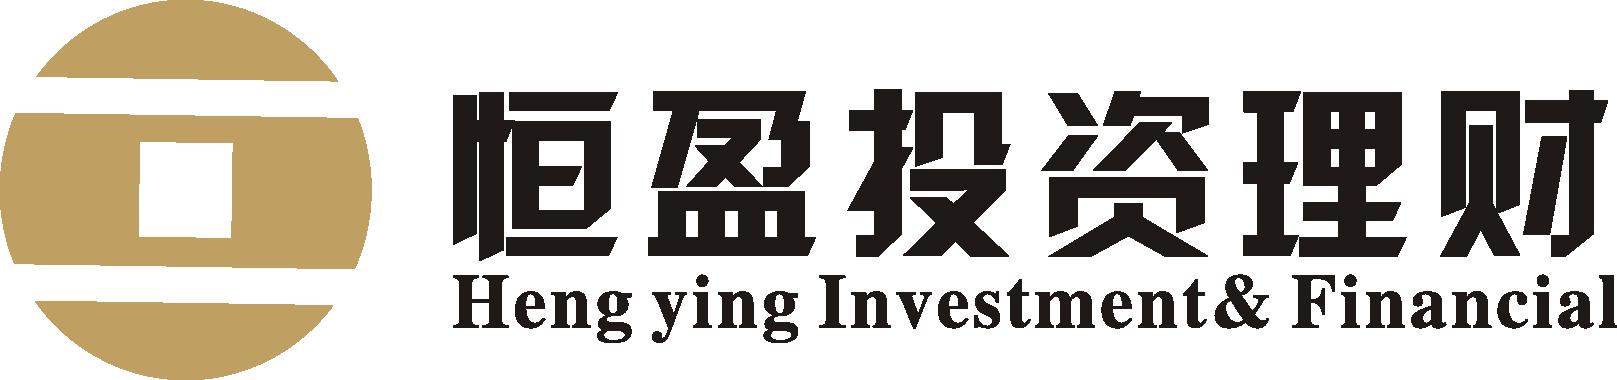 四川恒盈投资理财信息咨询有限公司